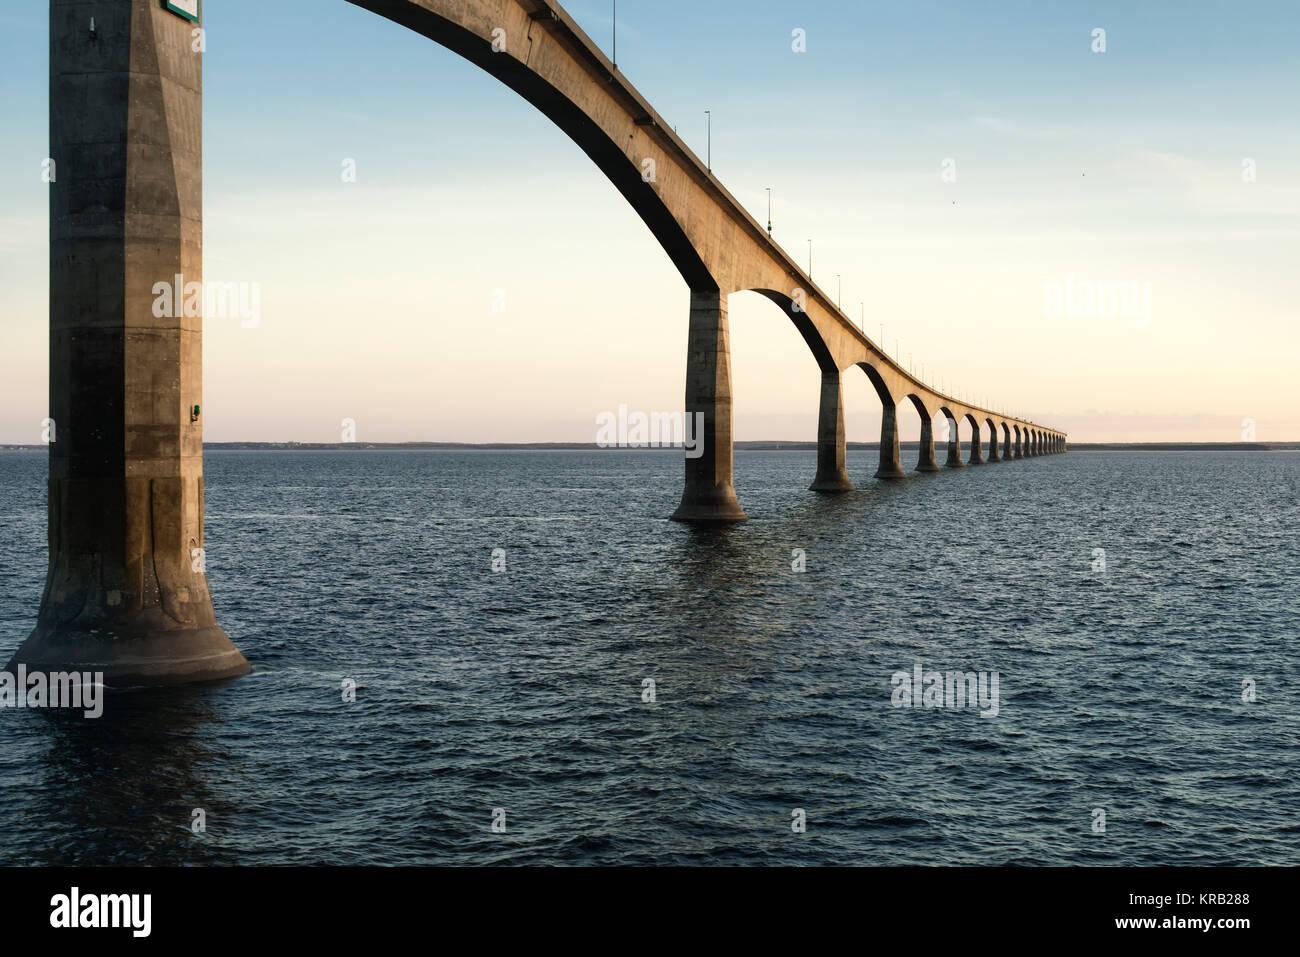 Confederation Bridge over sunset sky, Northumberland Strait, Prince Edward Island, Canada Stock Photo